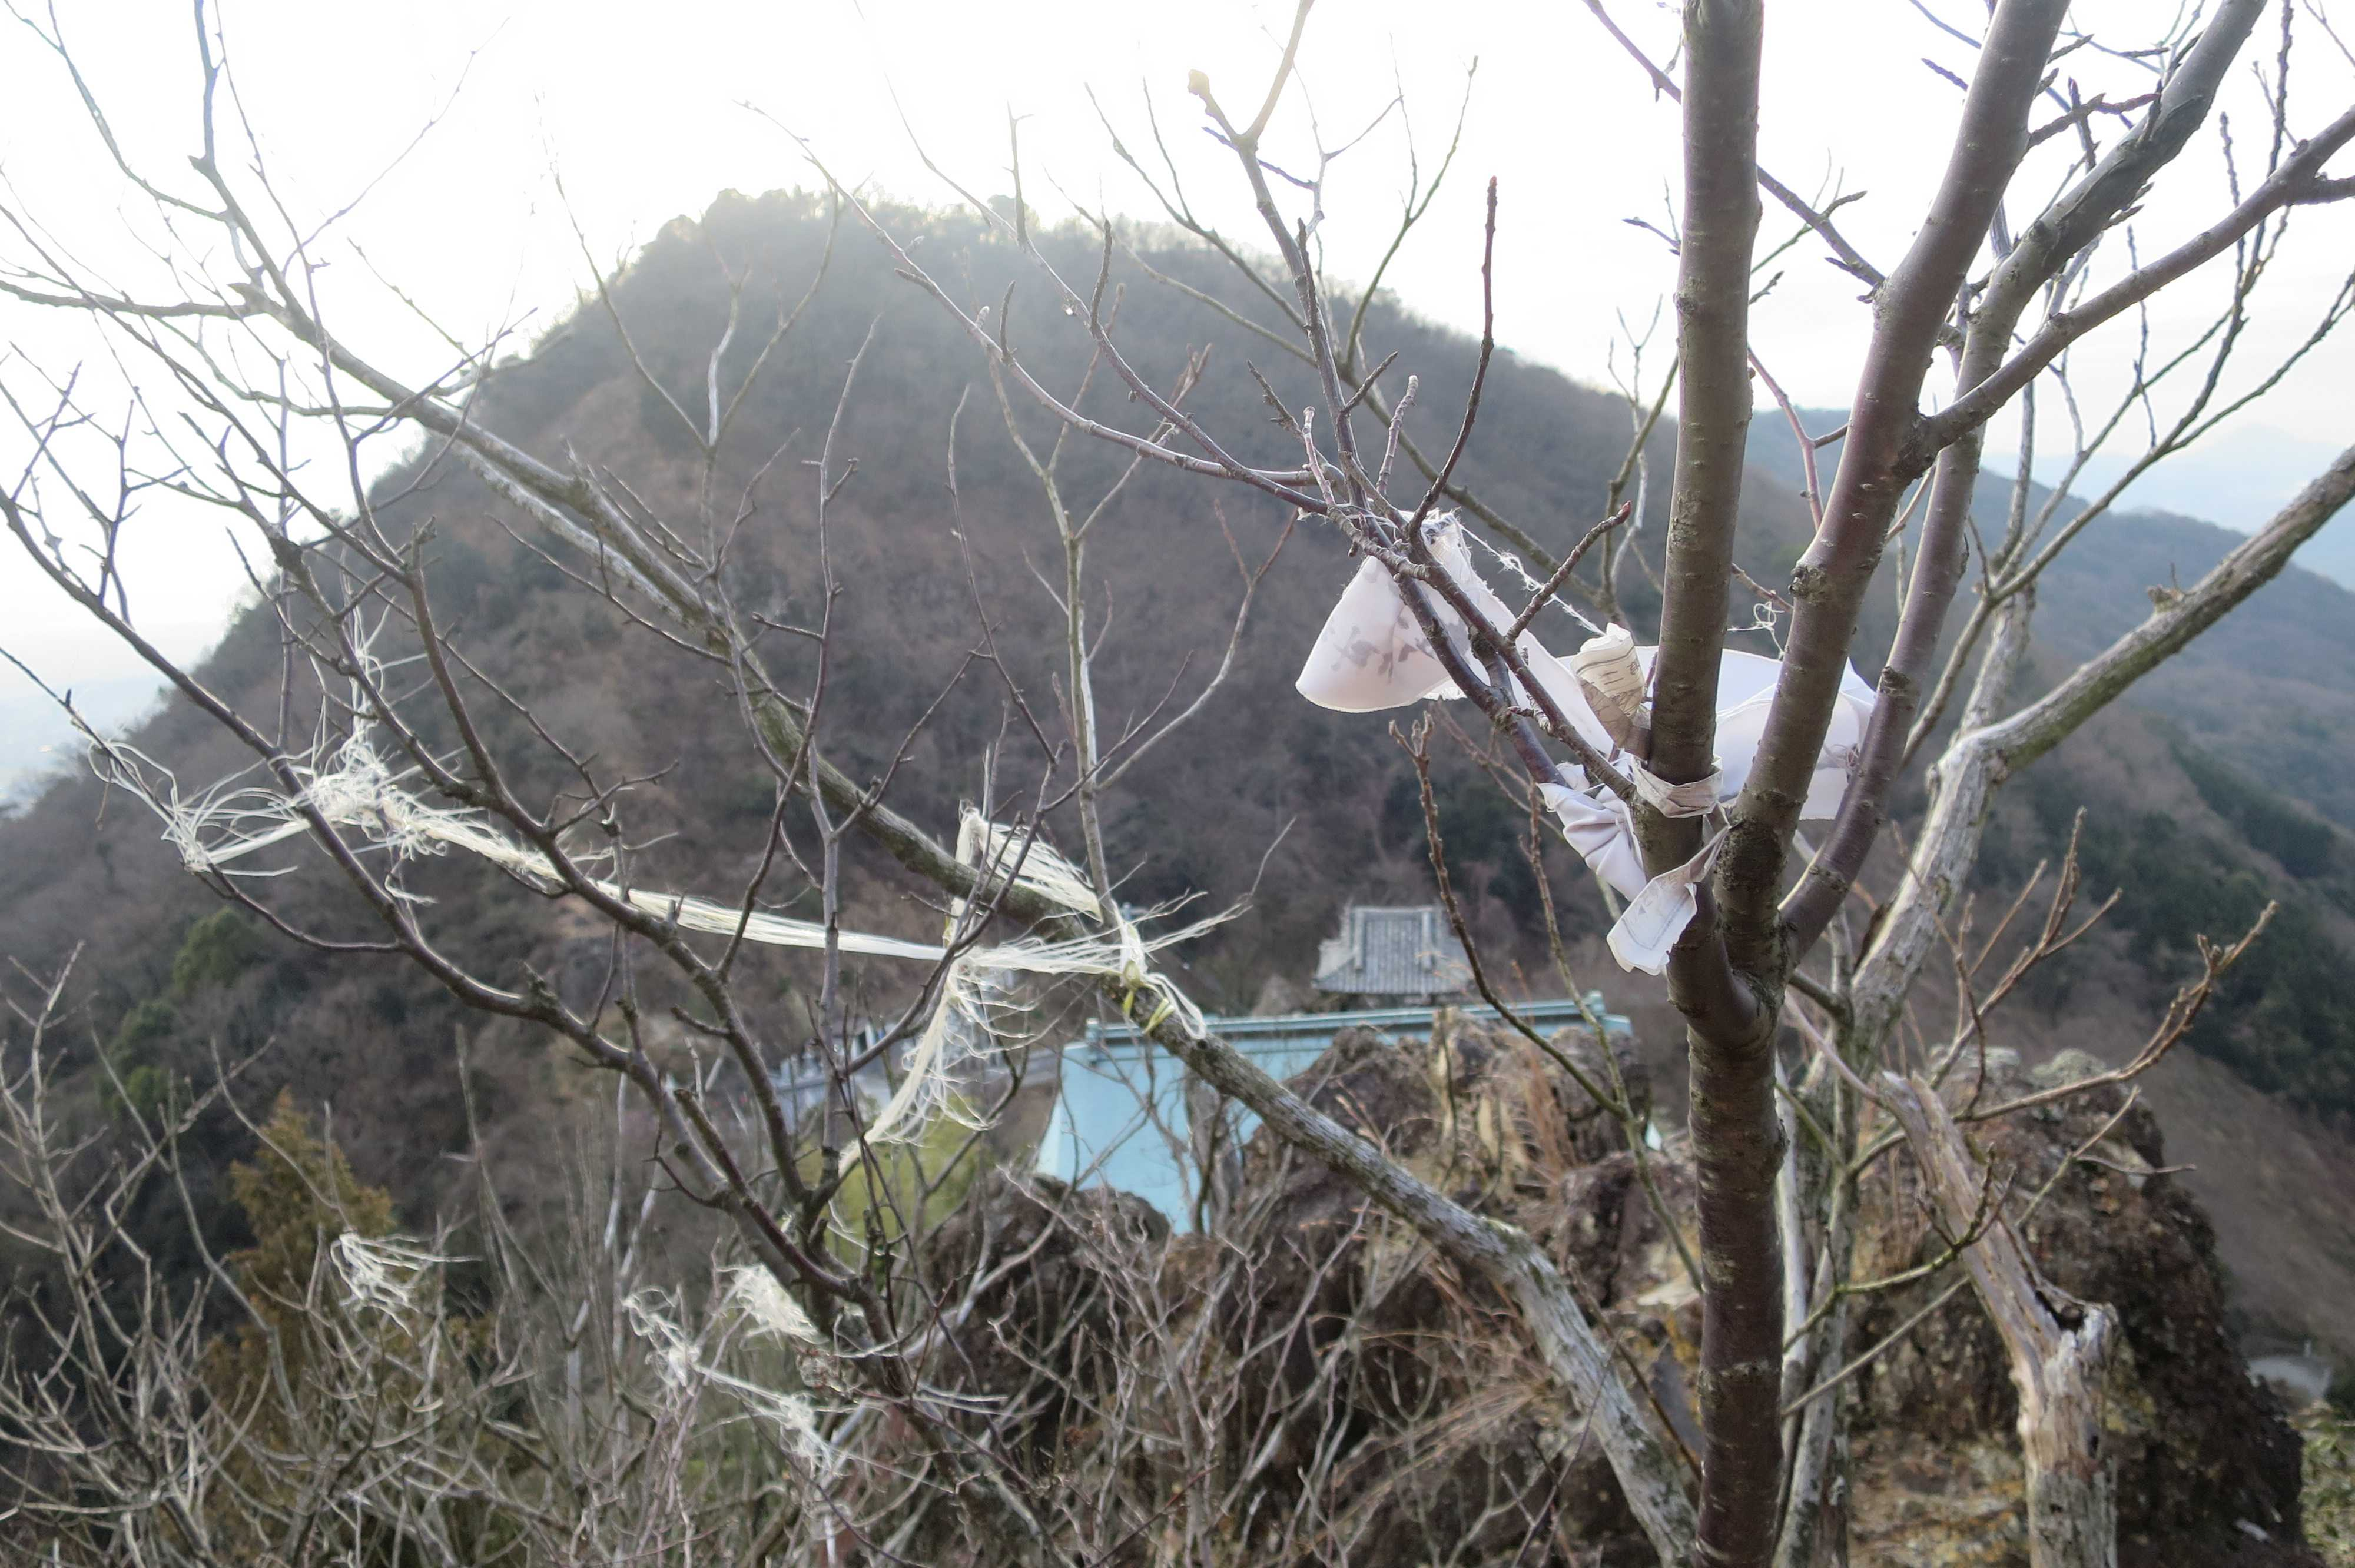 根本御堂の屋根 - 奥の院捨身ヶ嶽禅定